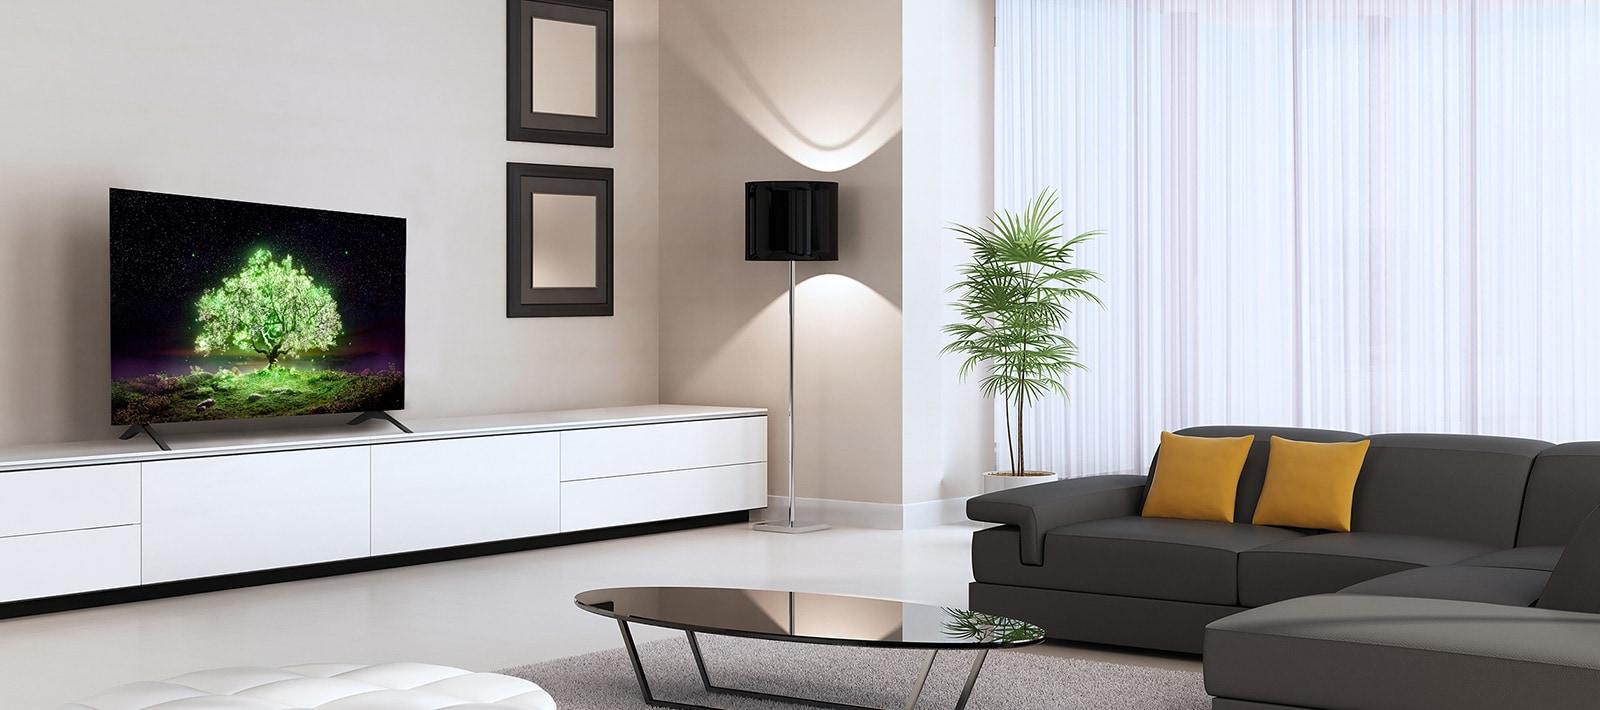 Un OLED A1 TV colocado en salón sensual. En el TV, se observa una imagen de un árbol verde que brilla intensamente.